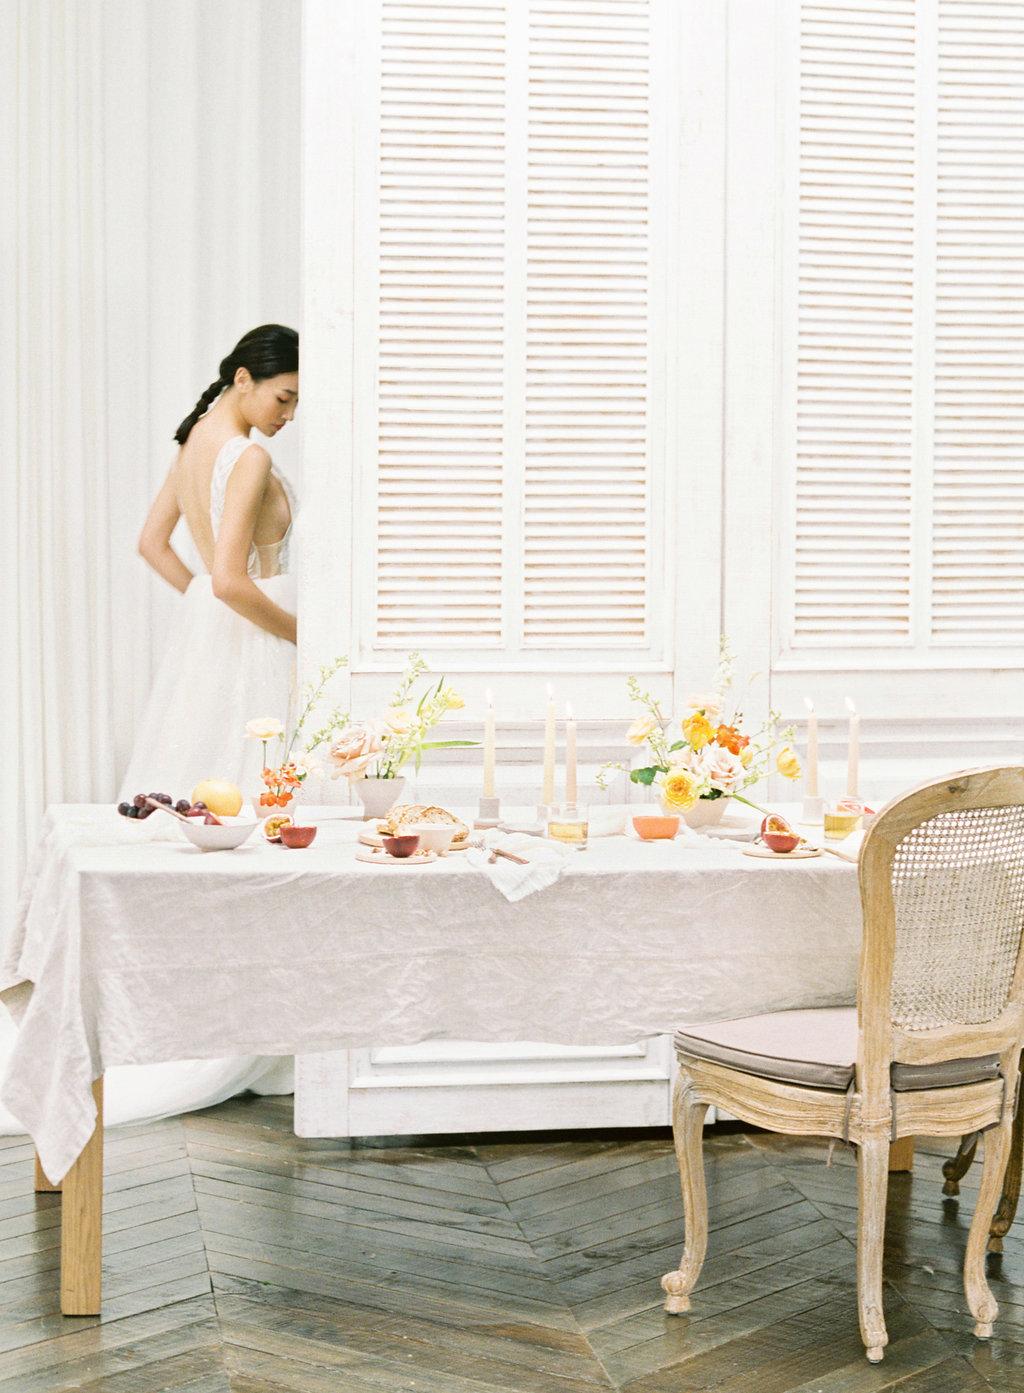 Weddingprep_061.jpg